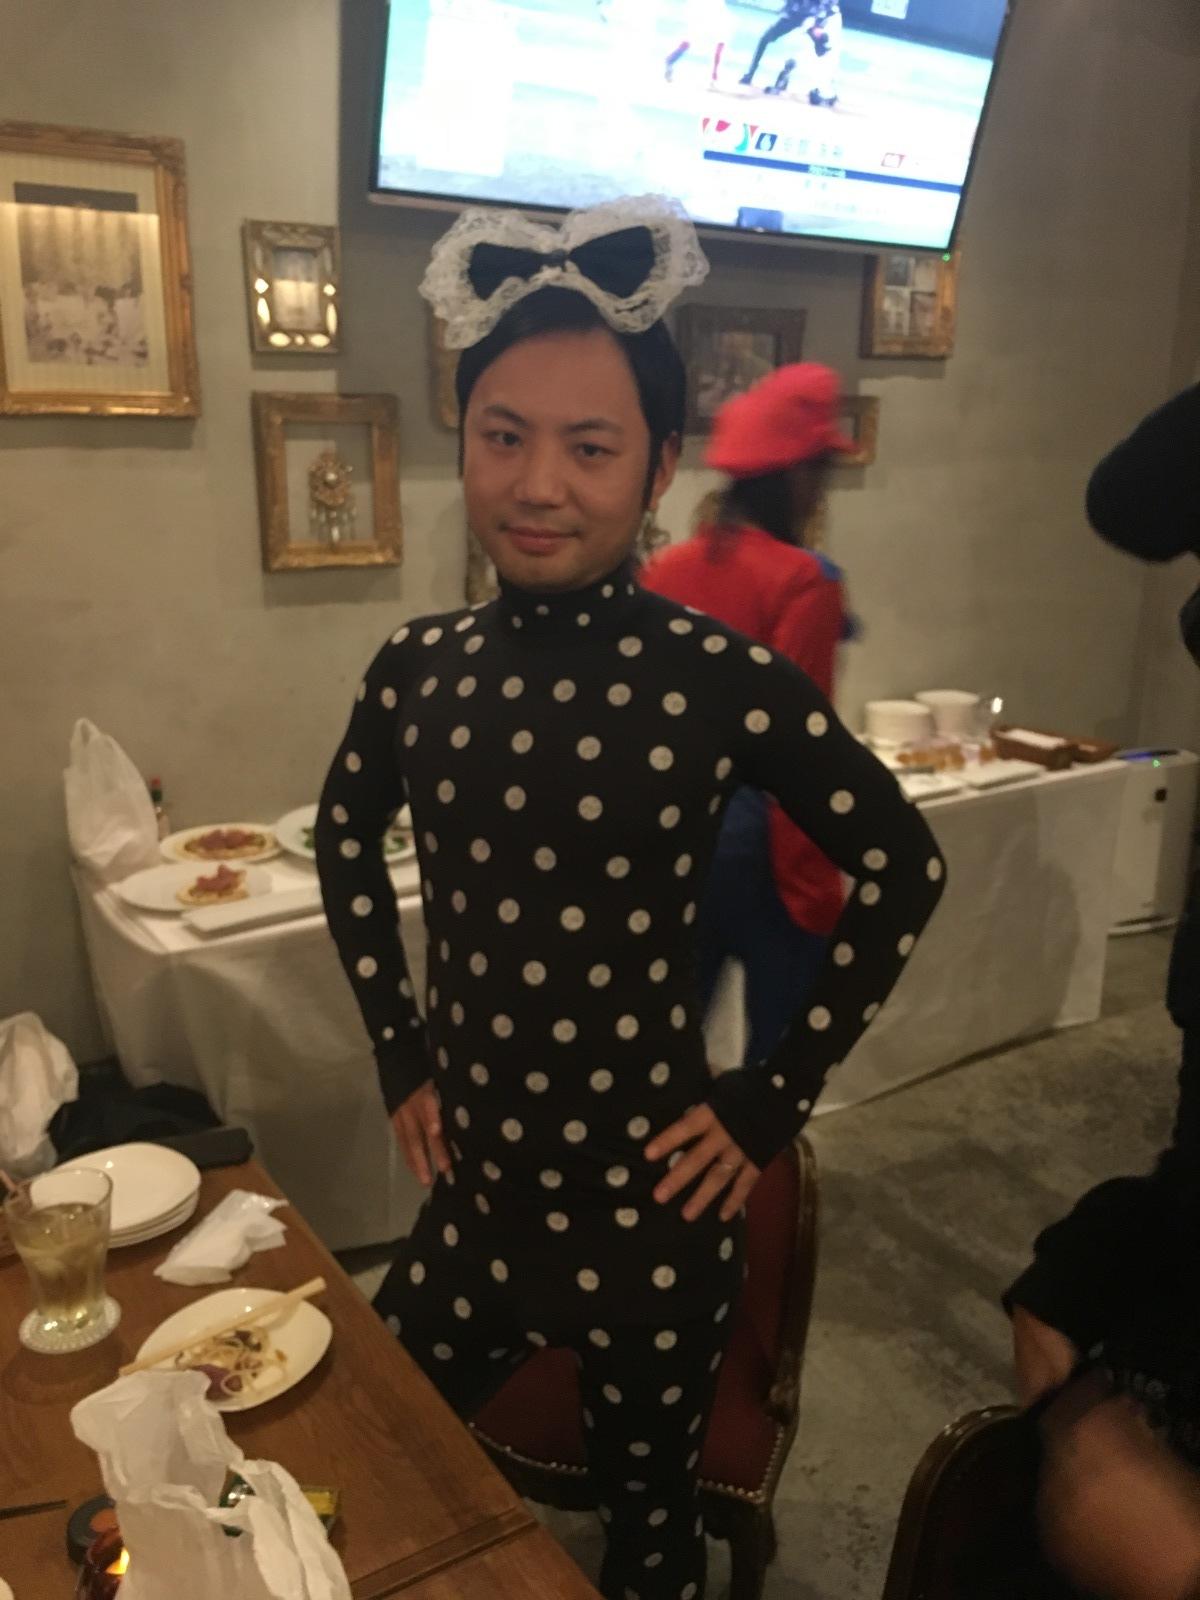 ハロウィンパーティ@福岡_e0206865_16255201.jpeg